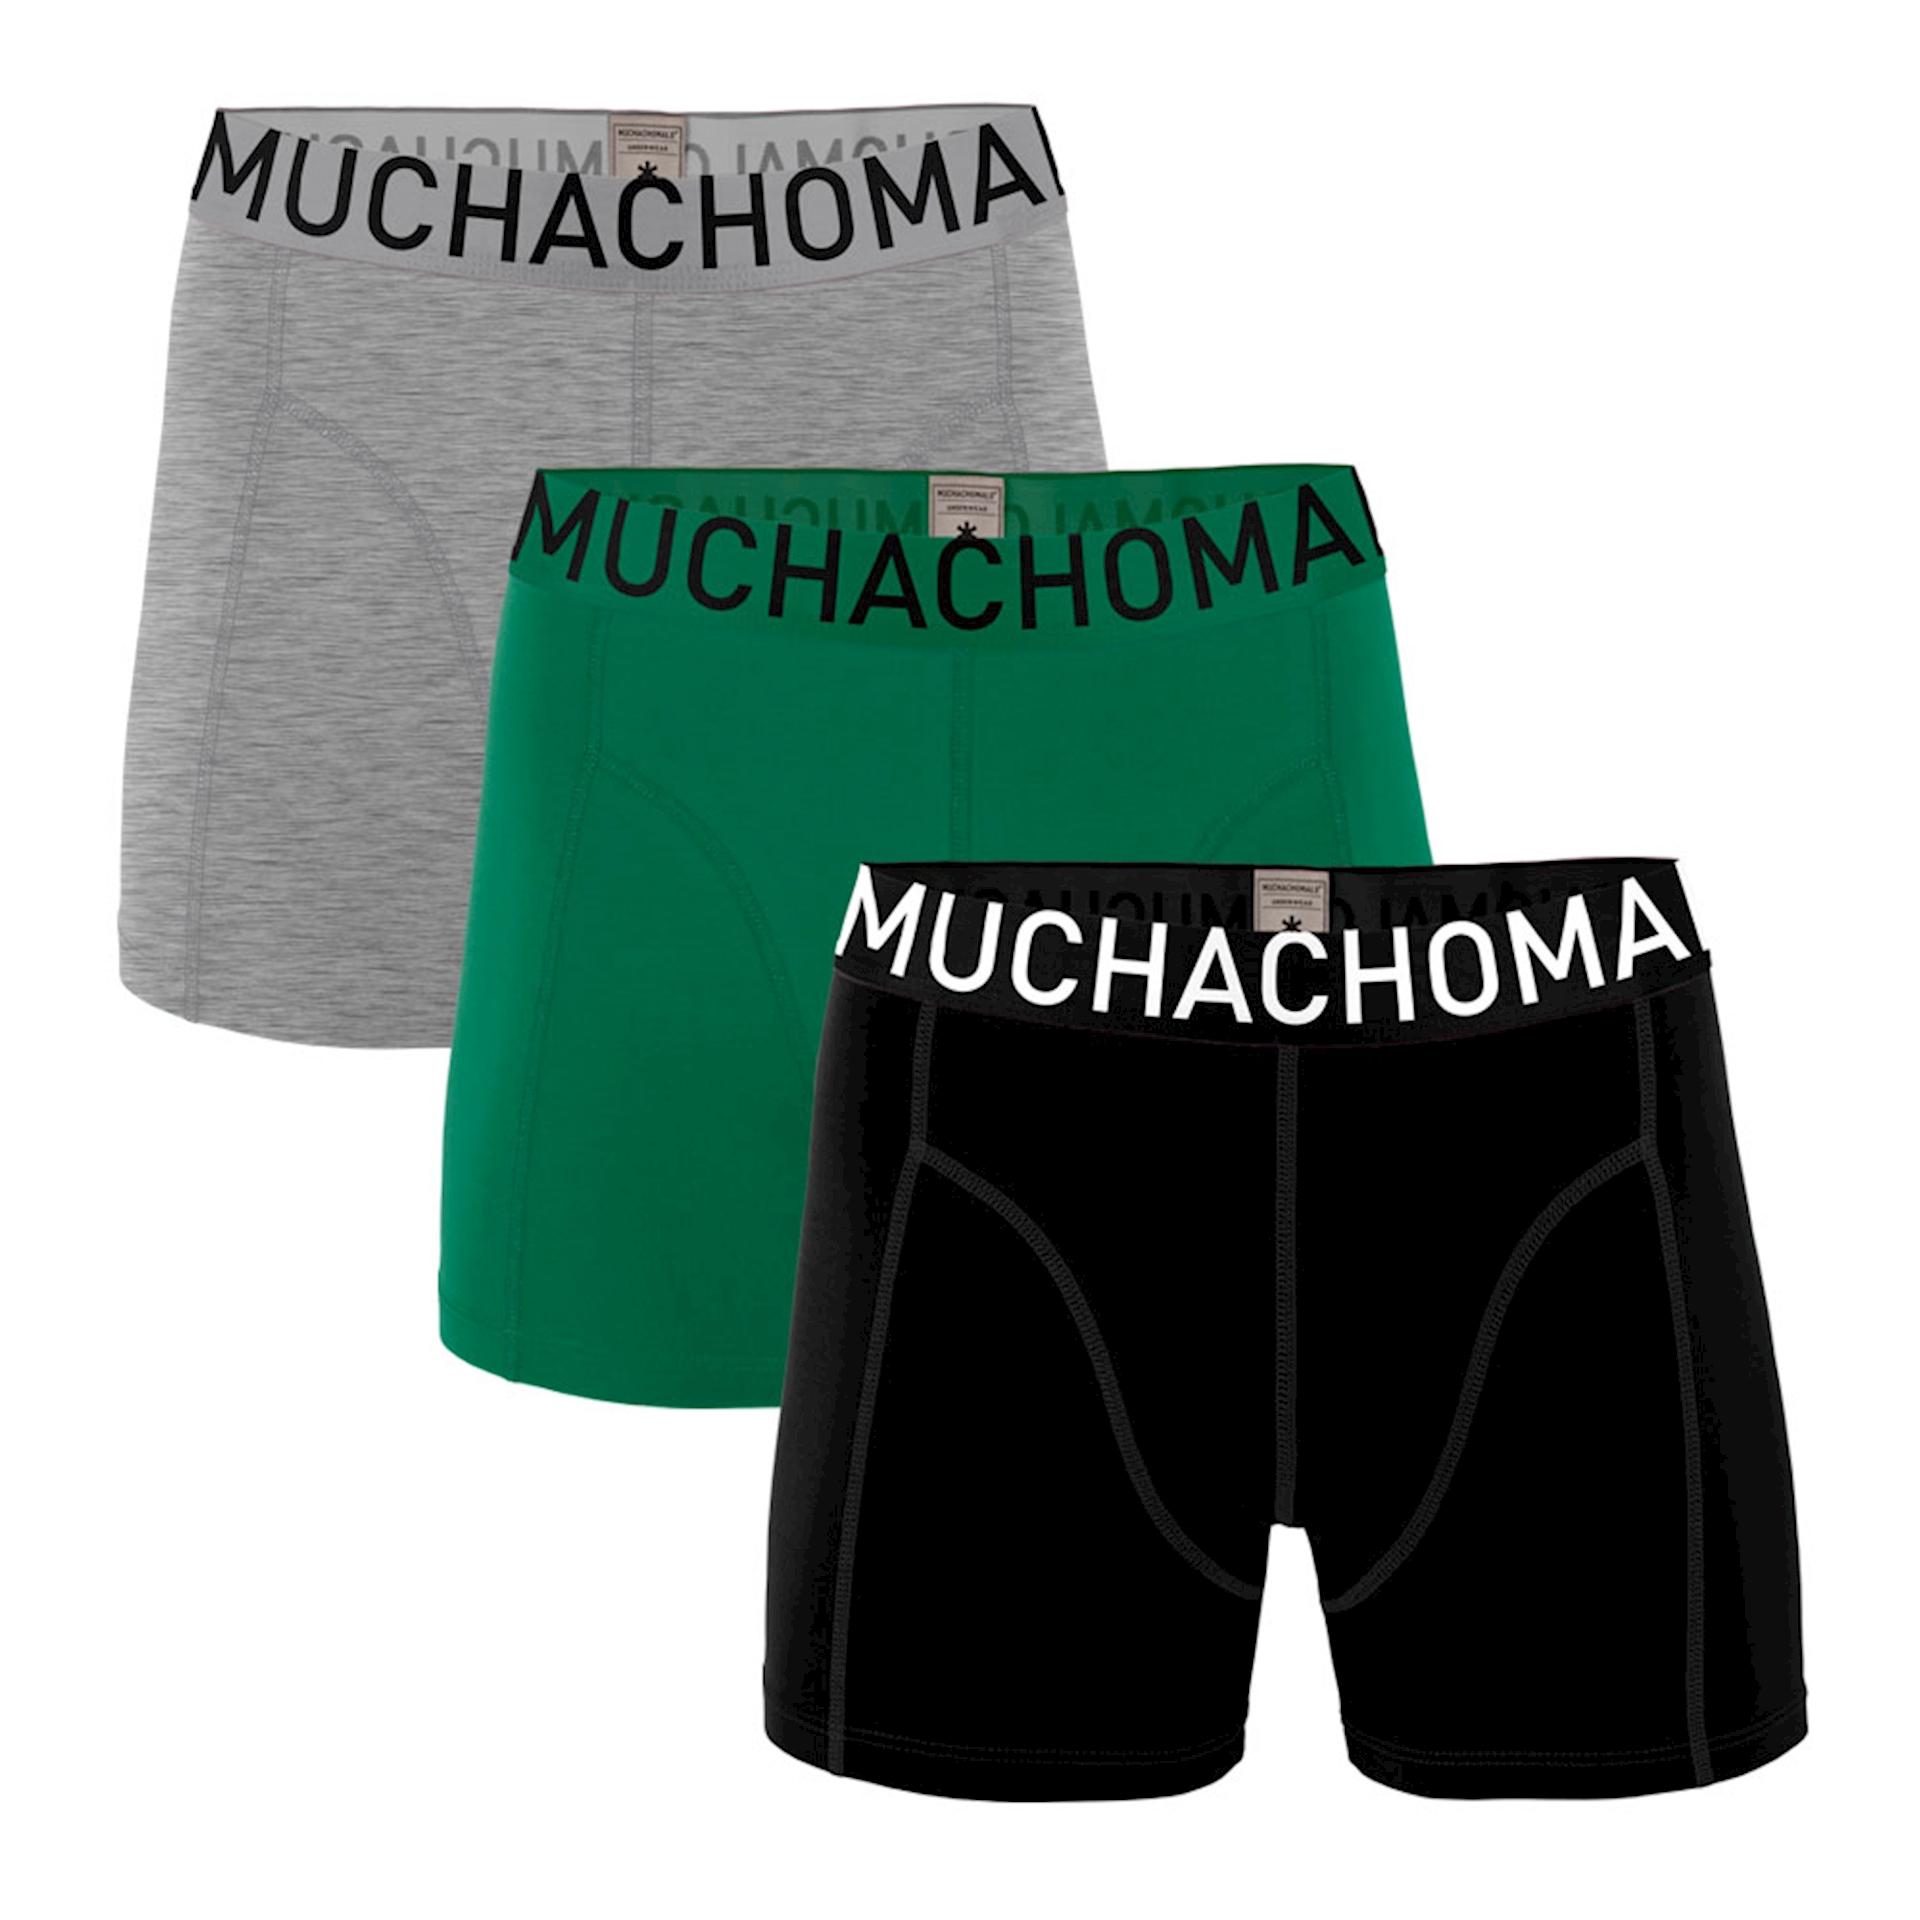 Muchachomalo boxershorts Solid Black/Green/Grey Melange 3-pack